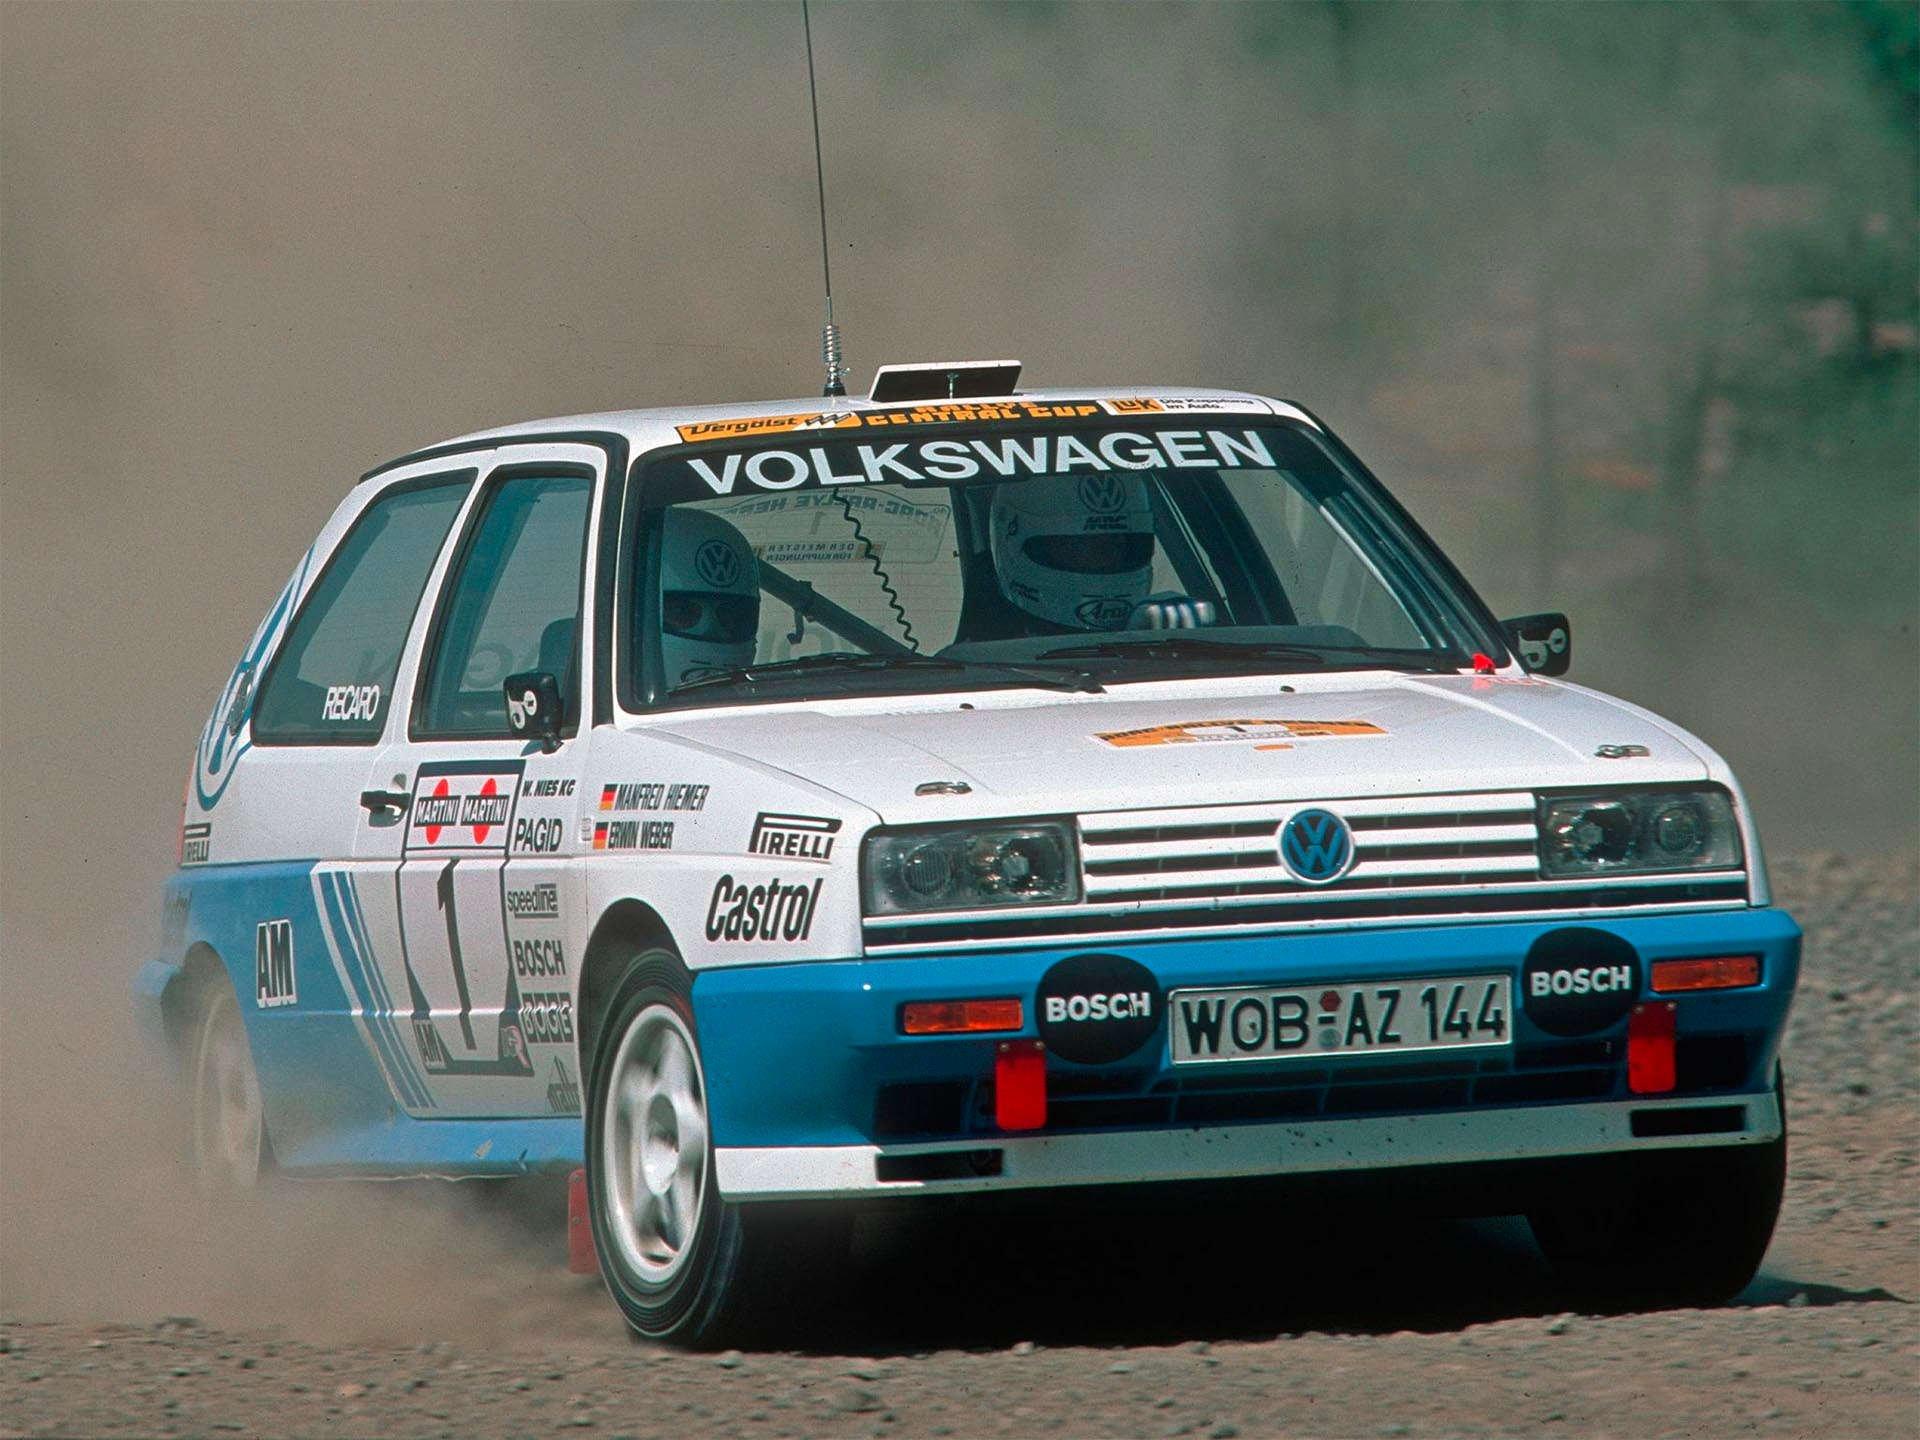 Volkswagen Mk2 Rallye Golf Group A motorsport